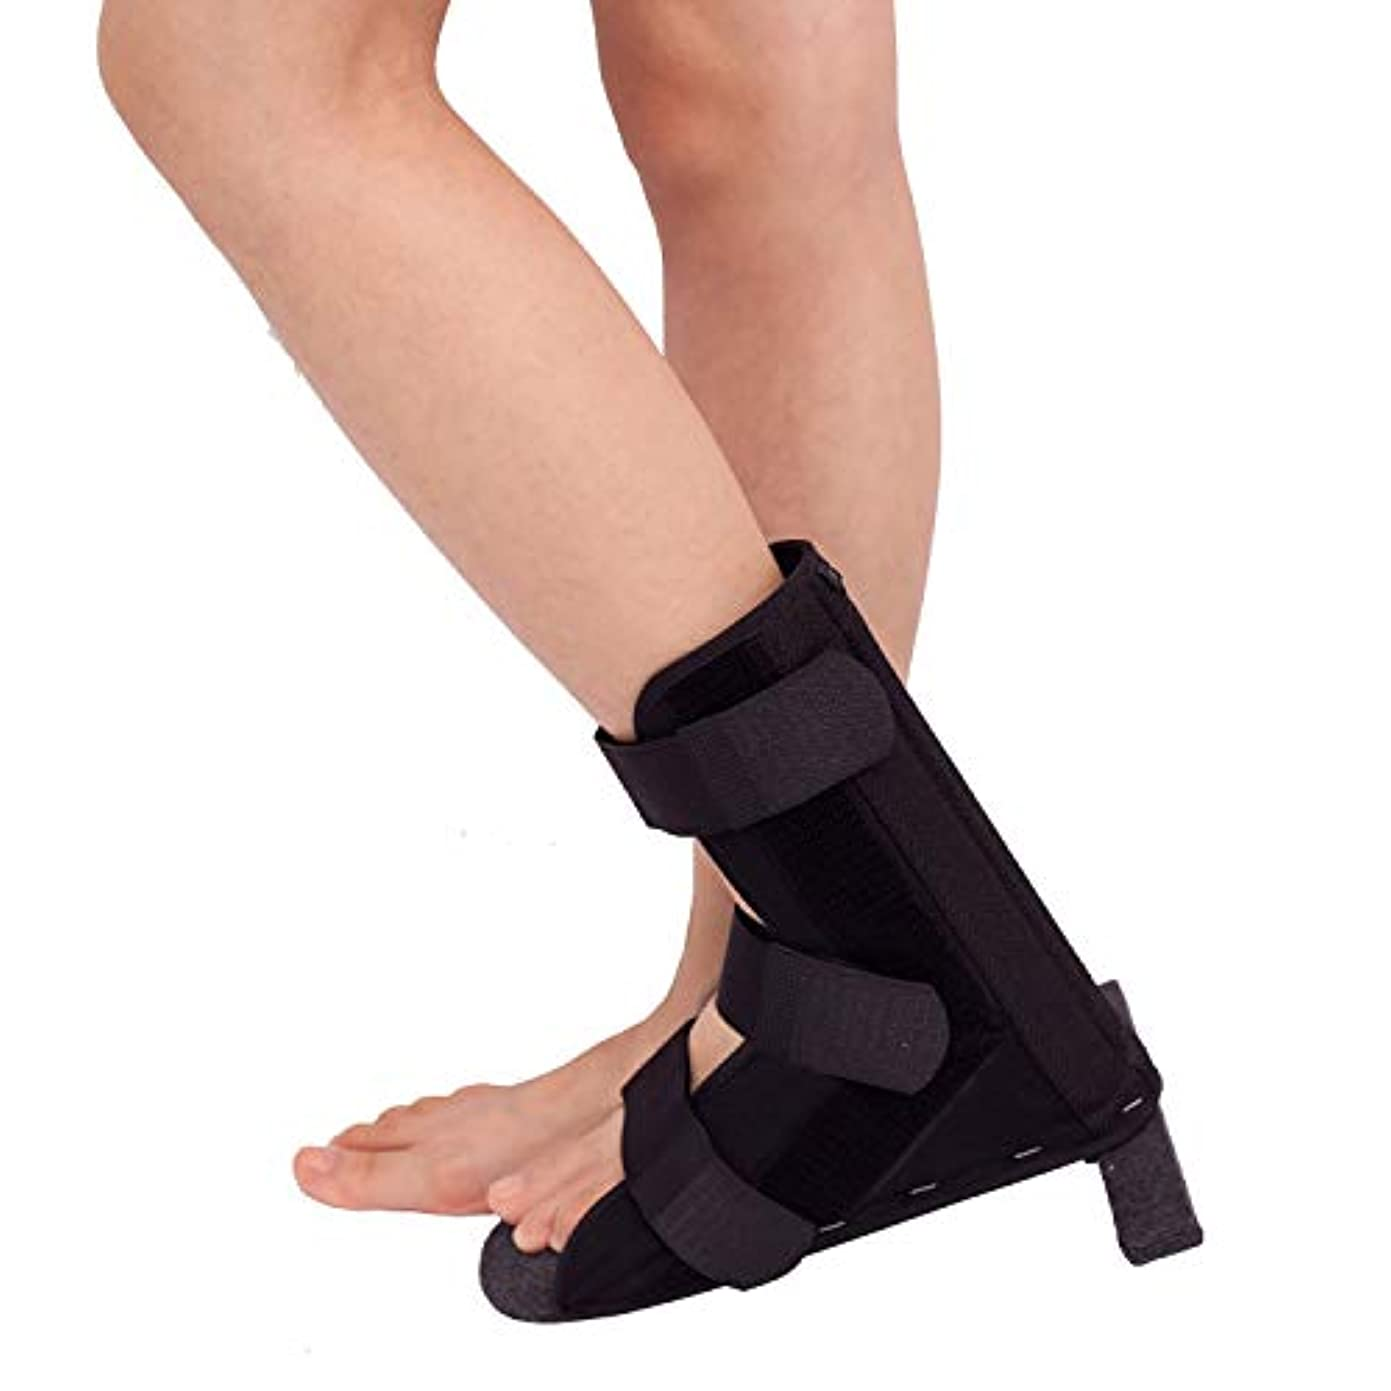 出発する小石報告書足首サポート ア、T字型靴、整形外科用靴、足首骨折、捻挫固定ブラケット (Size : L)